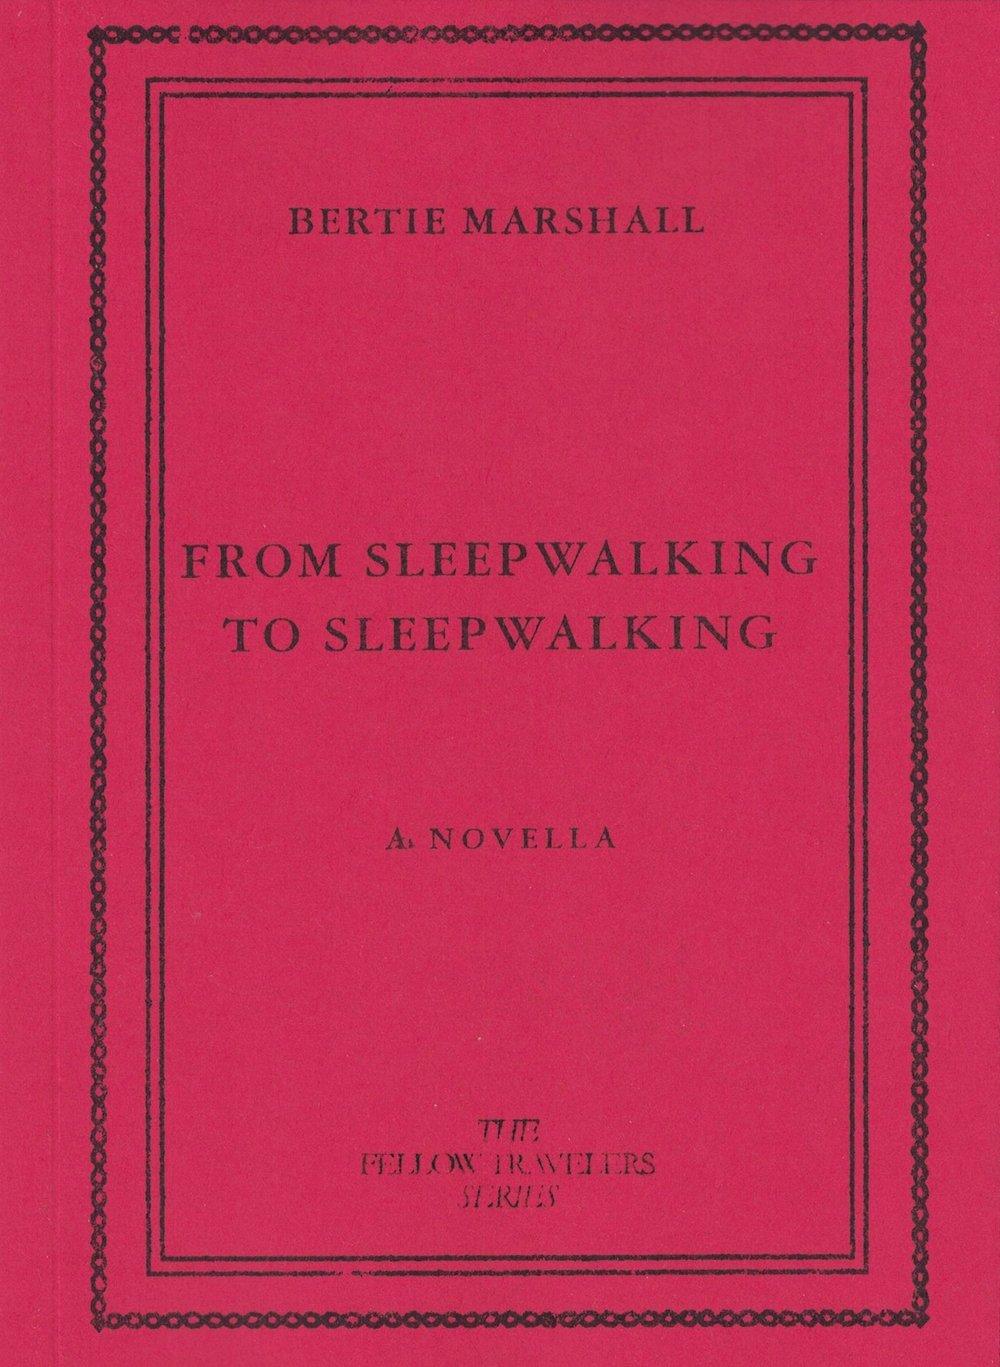 Image of From Sleepwalking to Sleepwalking by Bertie Marshall